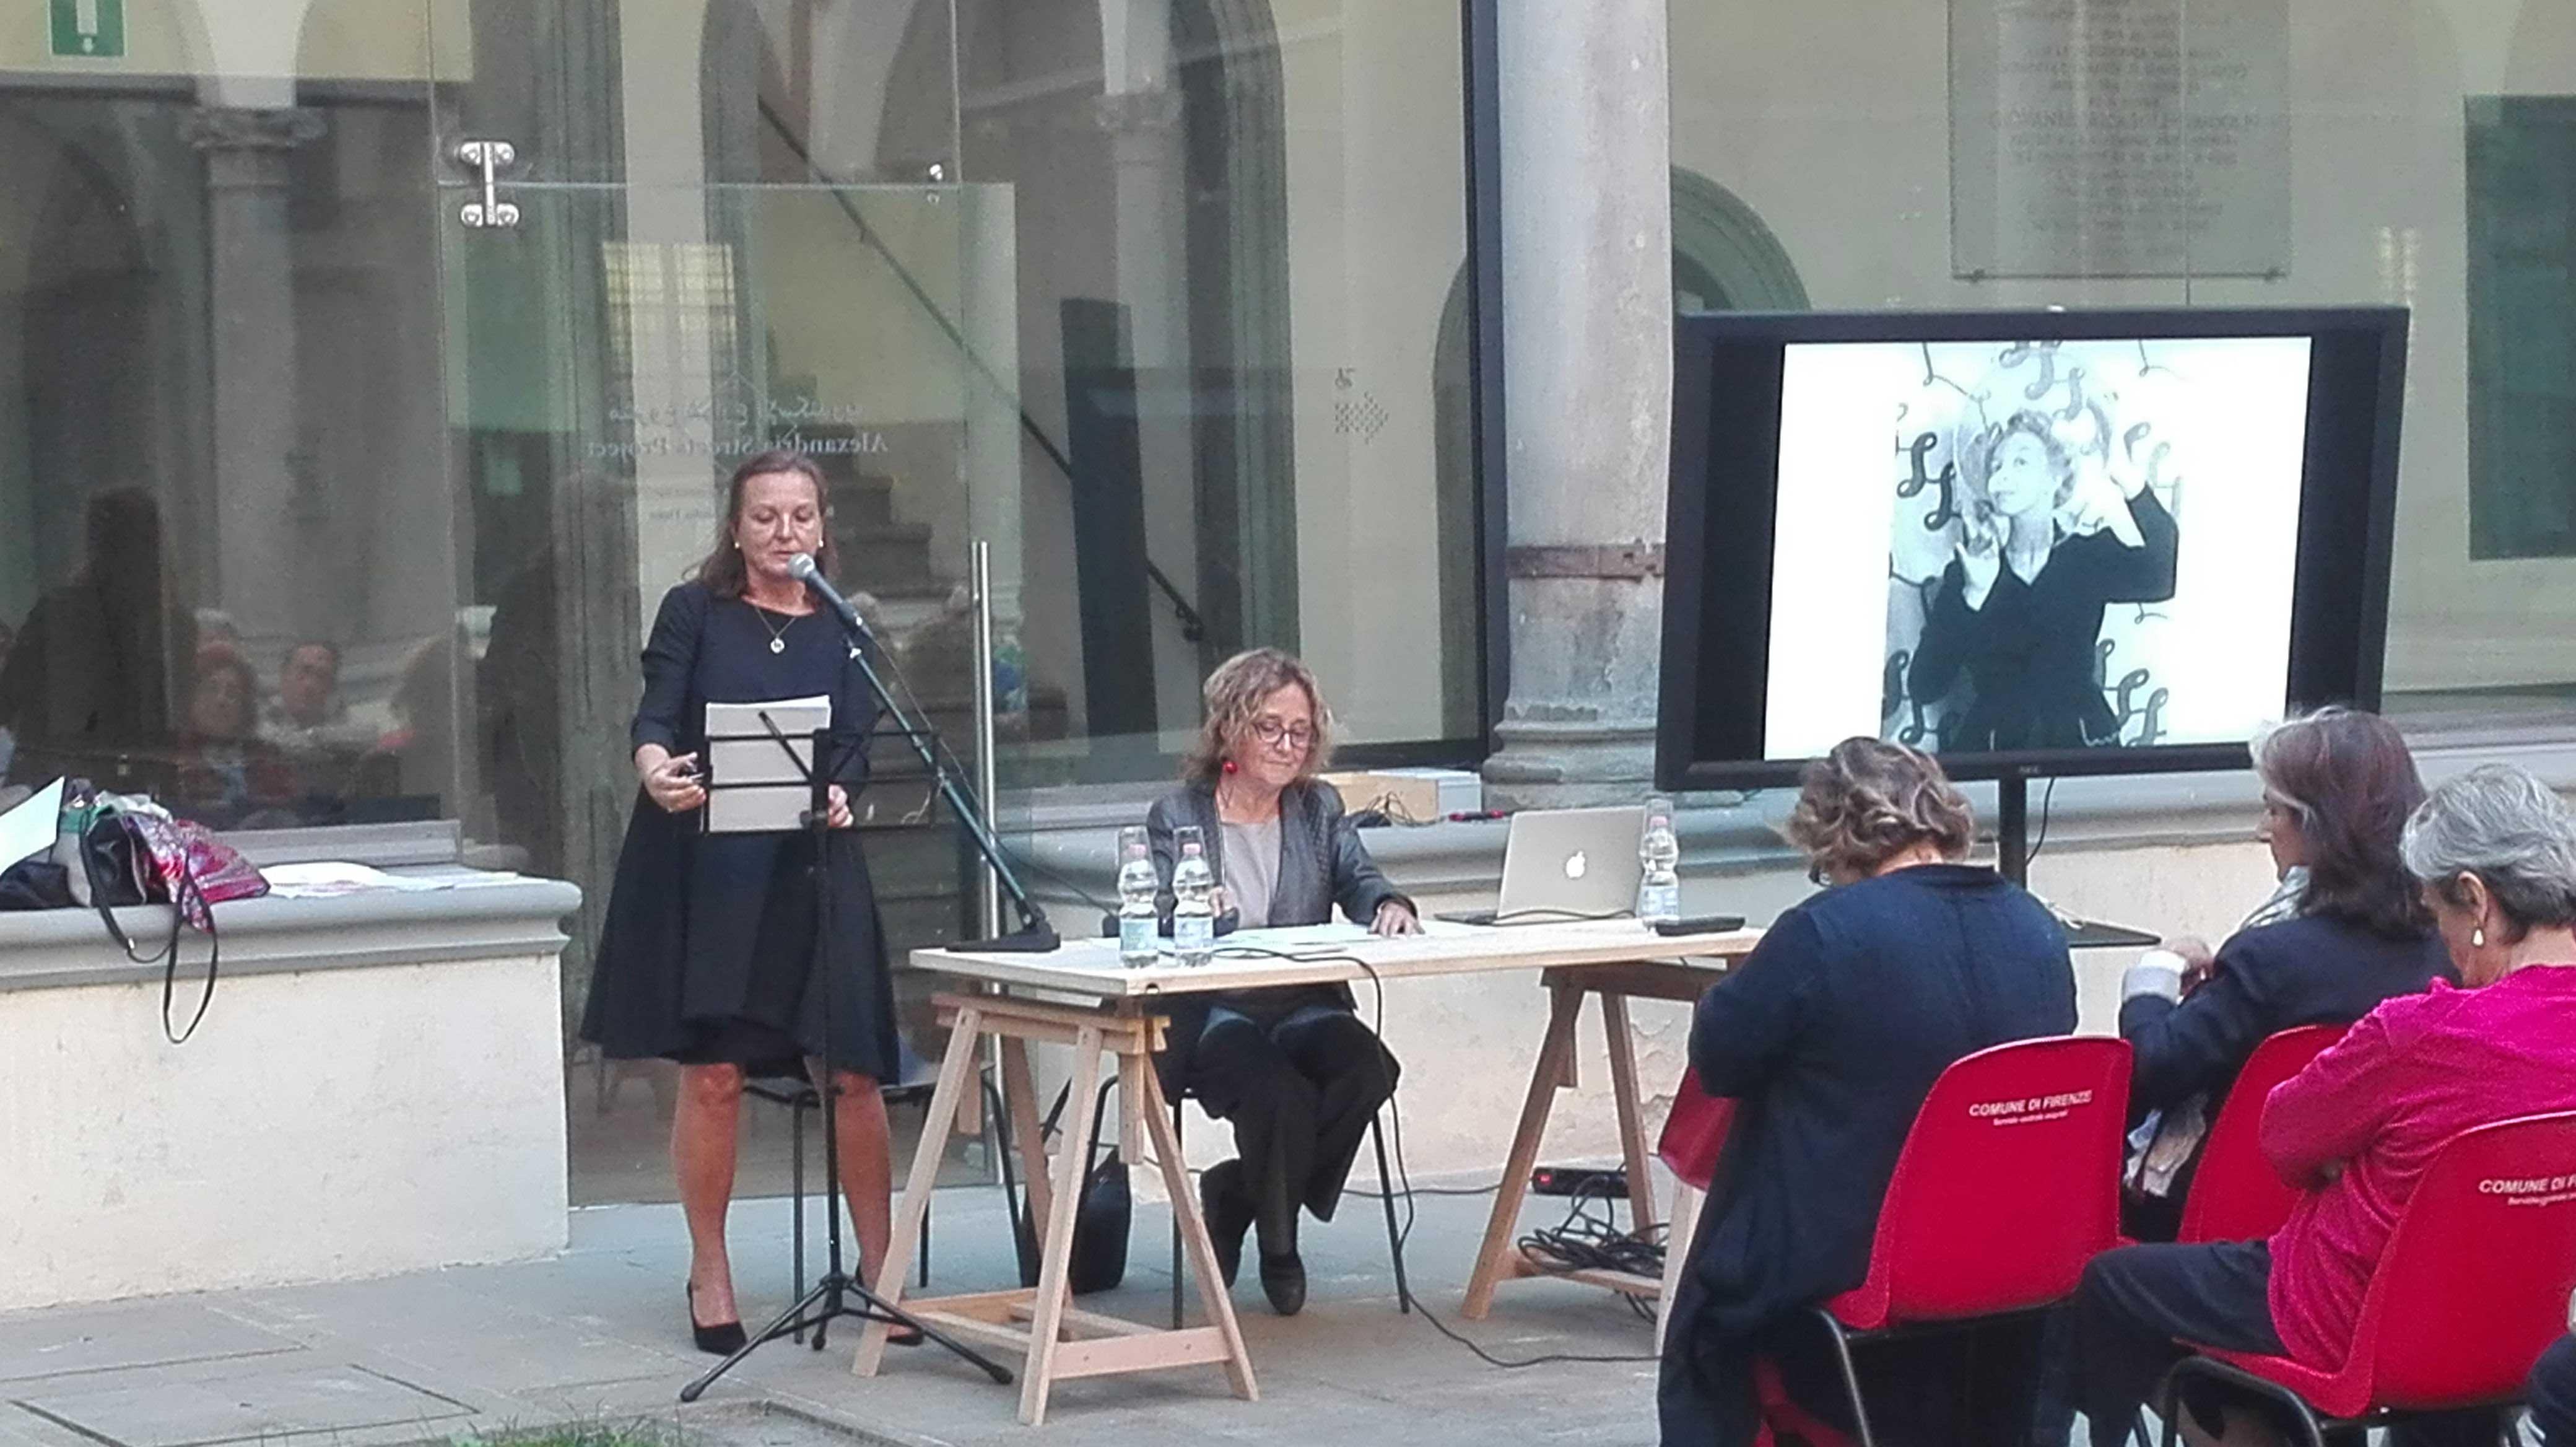 Ernestina Pellegrini e Angela Giuntini nel chiostro del Museo Novecento